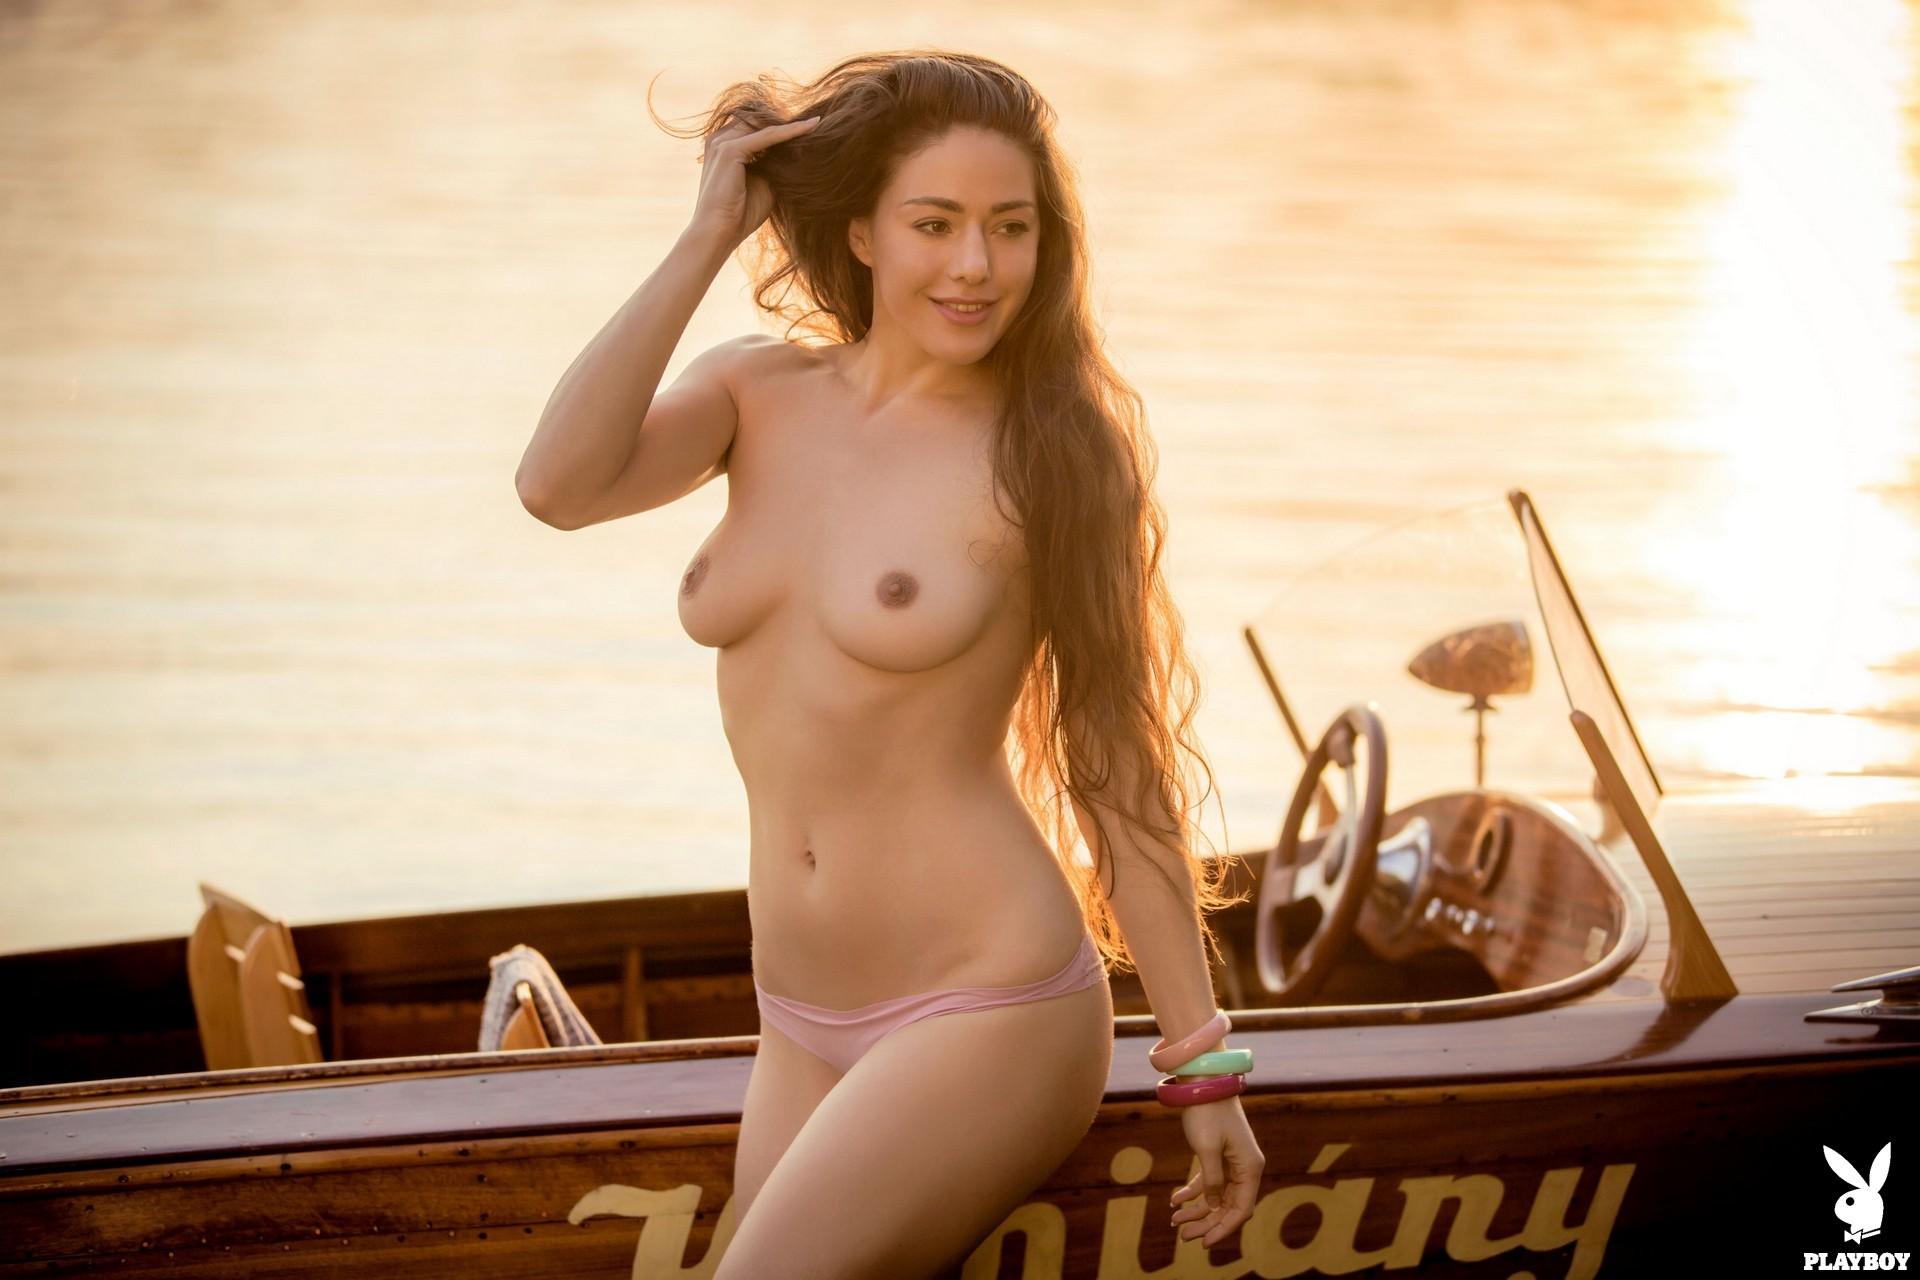 Joy Draiki in Sensational Voyage - Playboy Plus 10